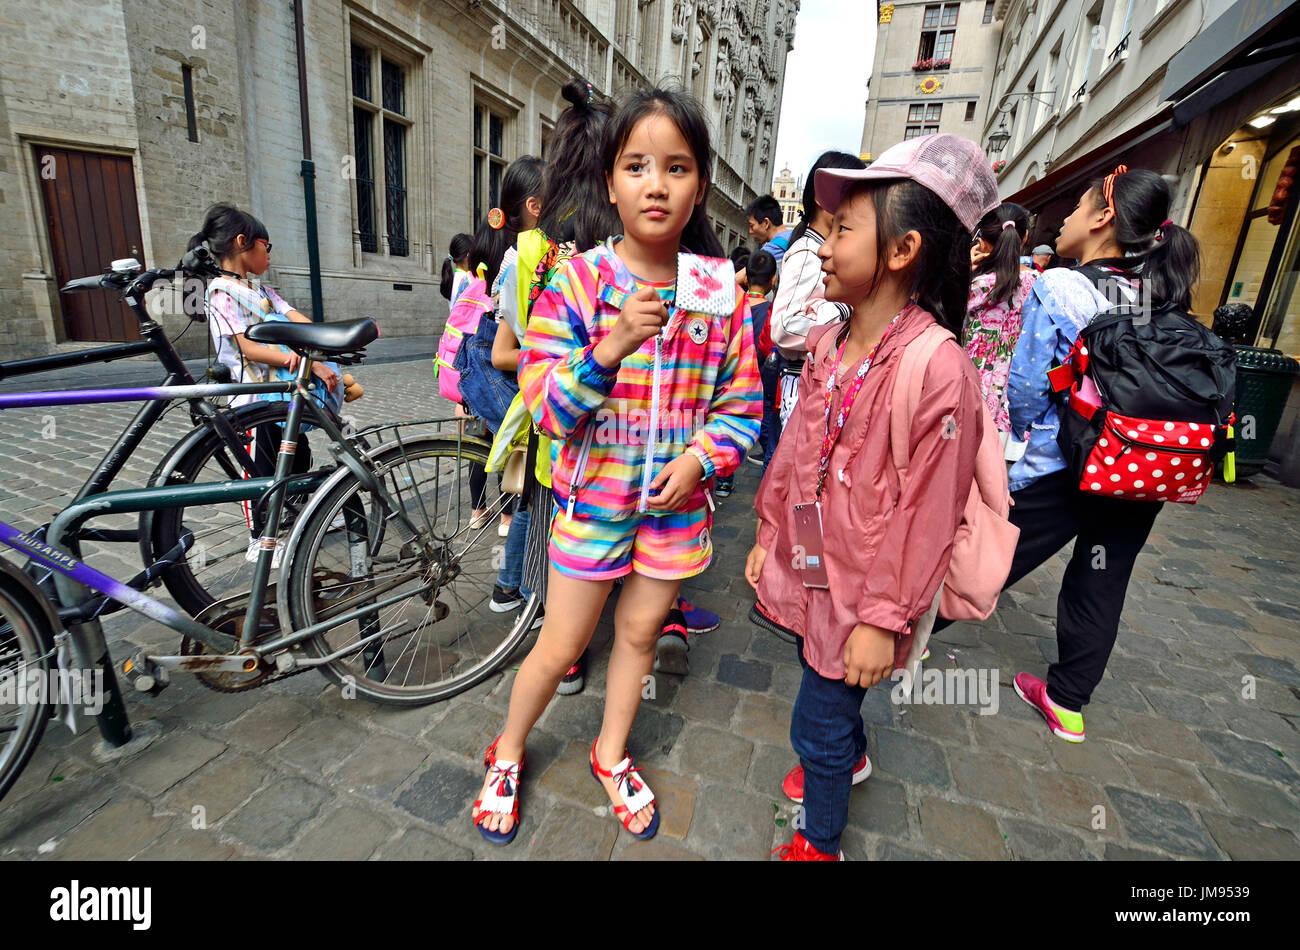 Brüssel, Belgien. Chinesische Kinder auf einer organisierten Reise im Zentrum von Brüssel Stockbild